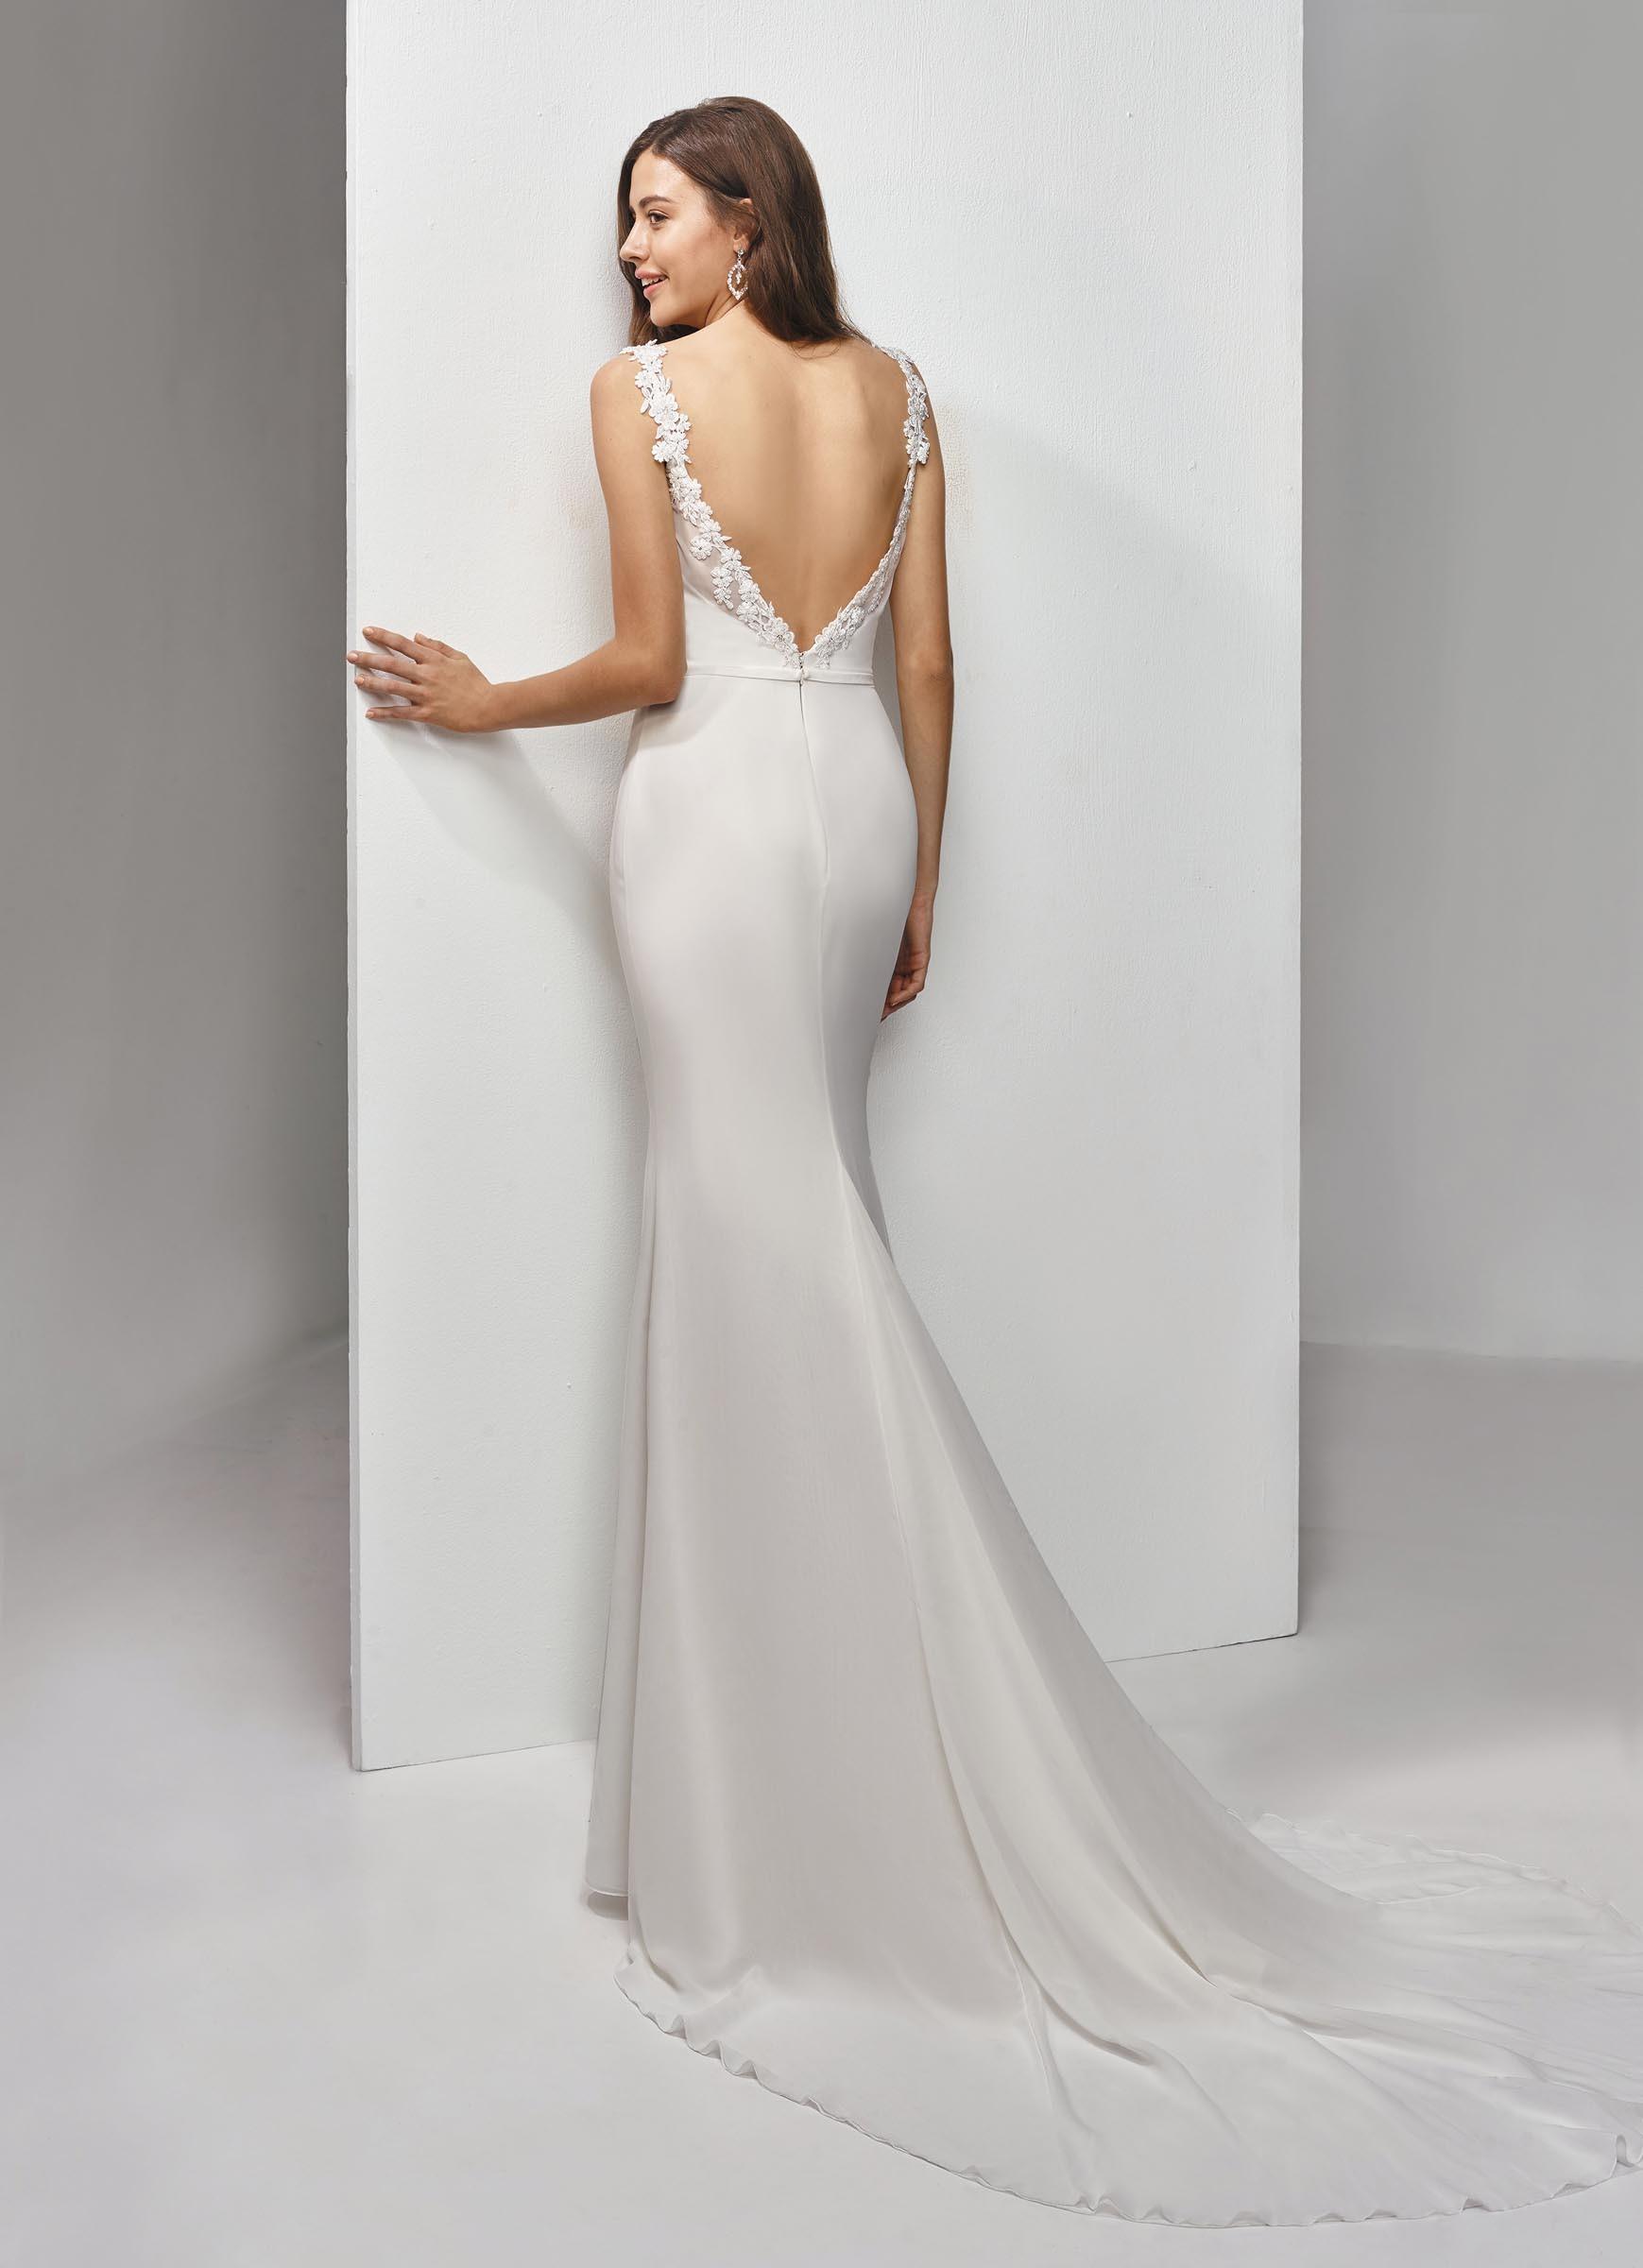 Fit and Flare-Brautkleid mit Blütenstickerei von Beautiful Bridal, Modell BT19-17